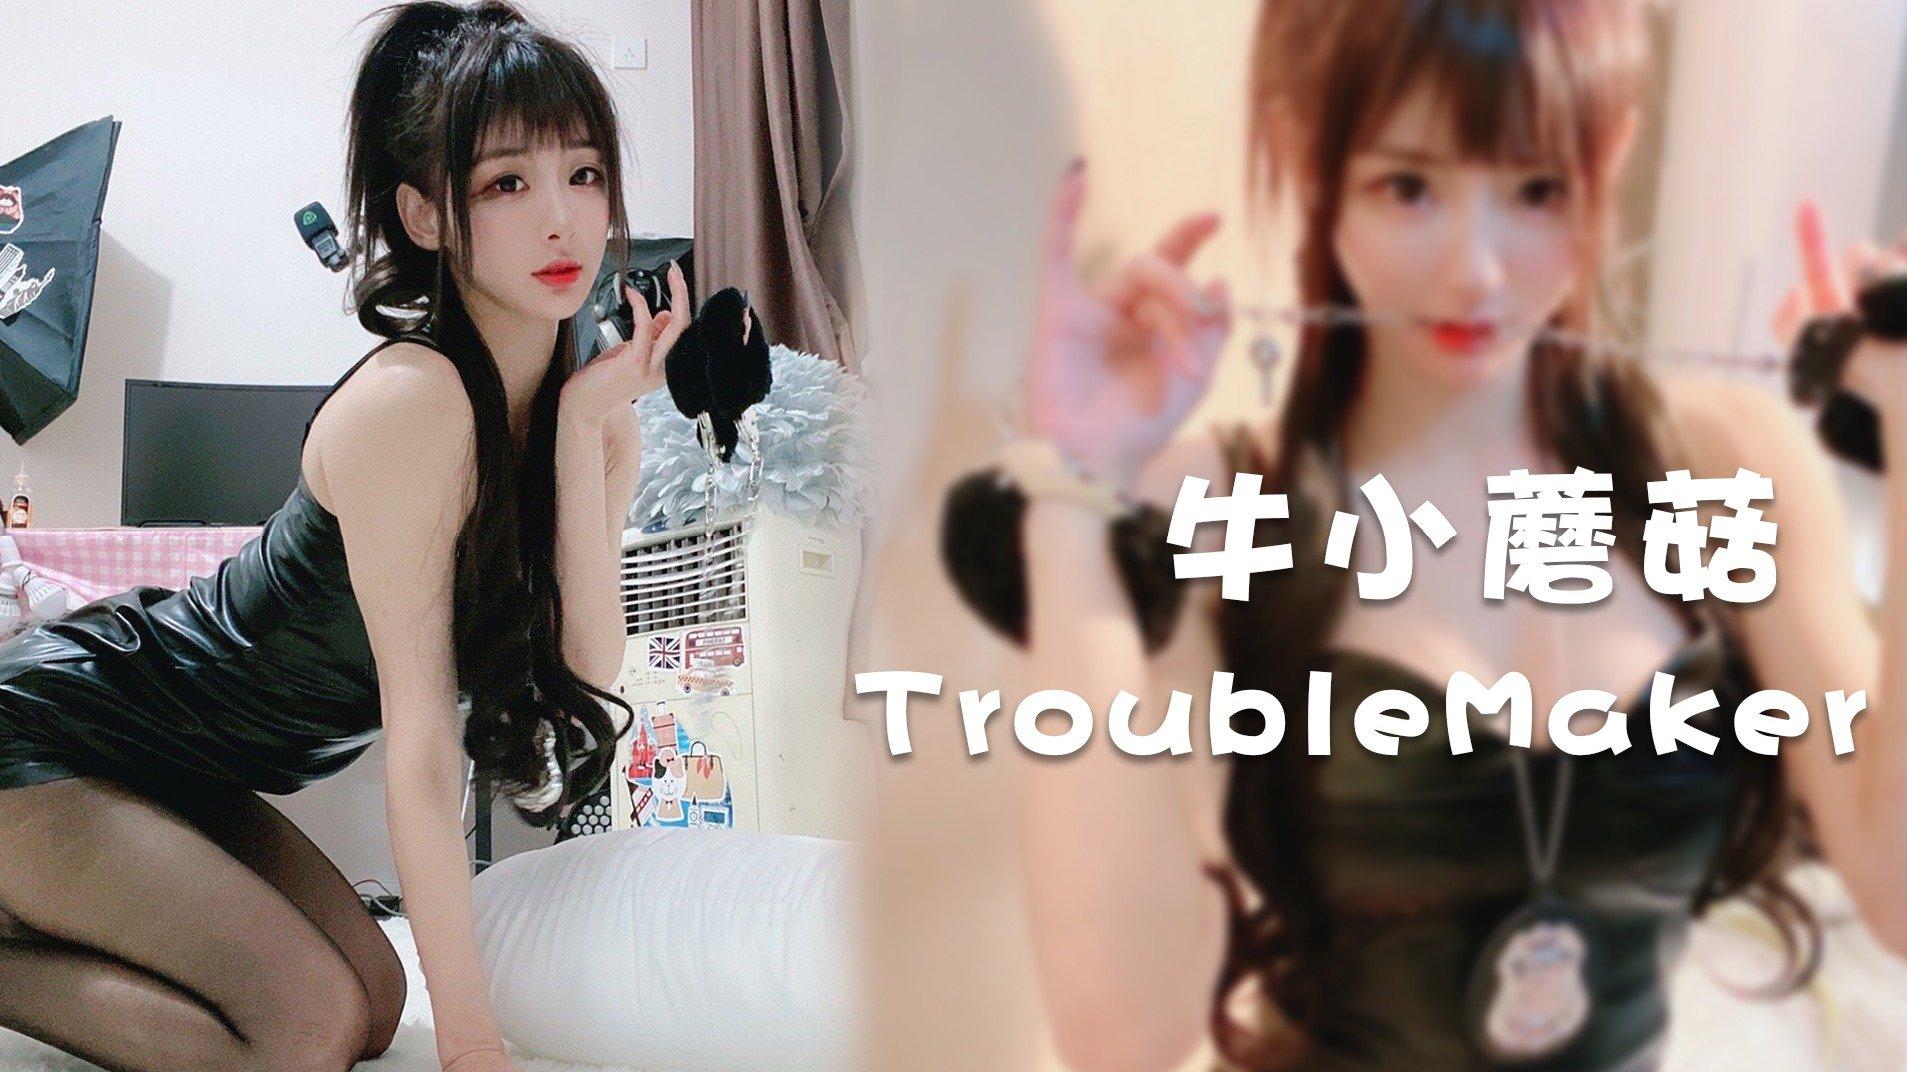 【牛小蘑菇】以前叫人家小甜甜,现在叫人家牛夫人--TroubleMaker韩舞